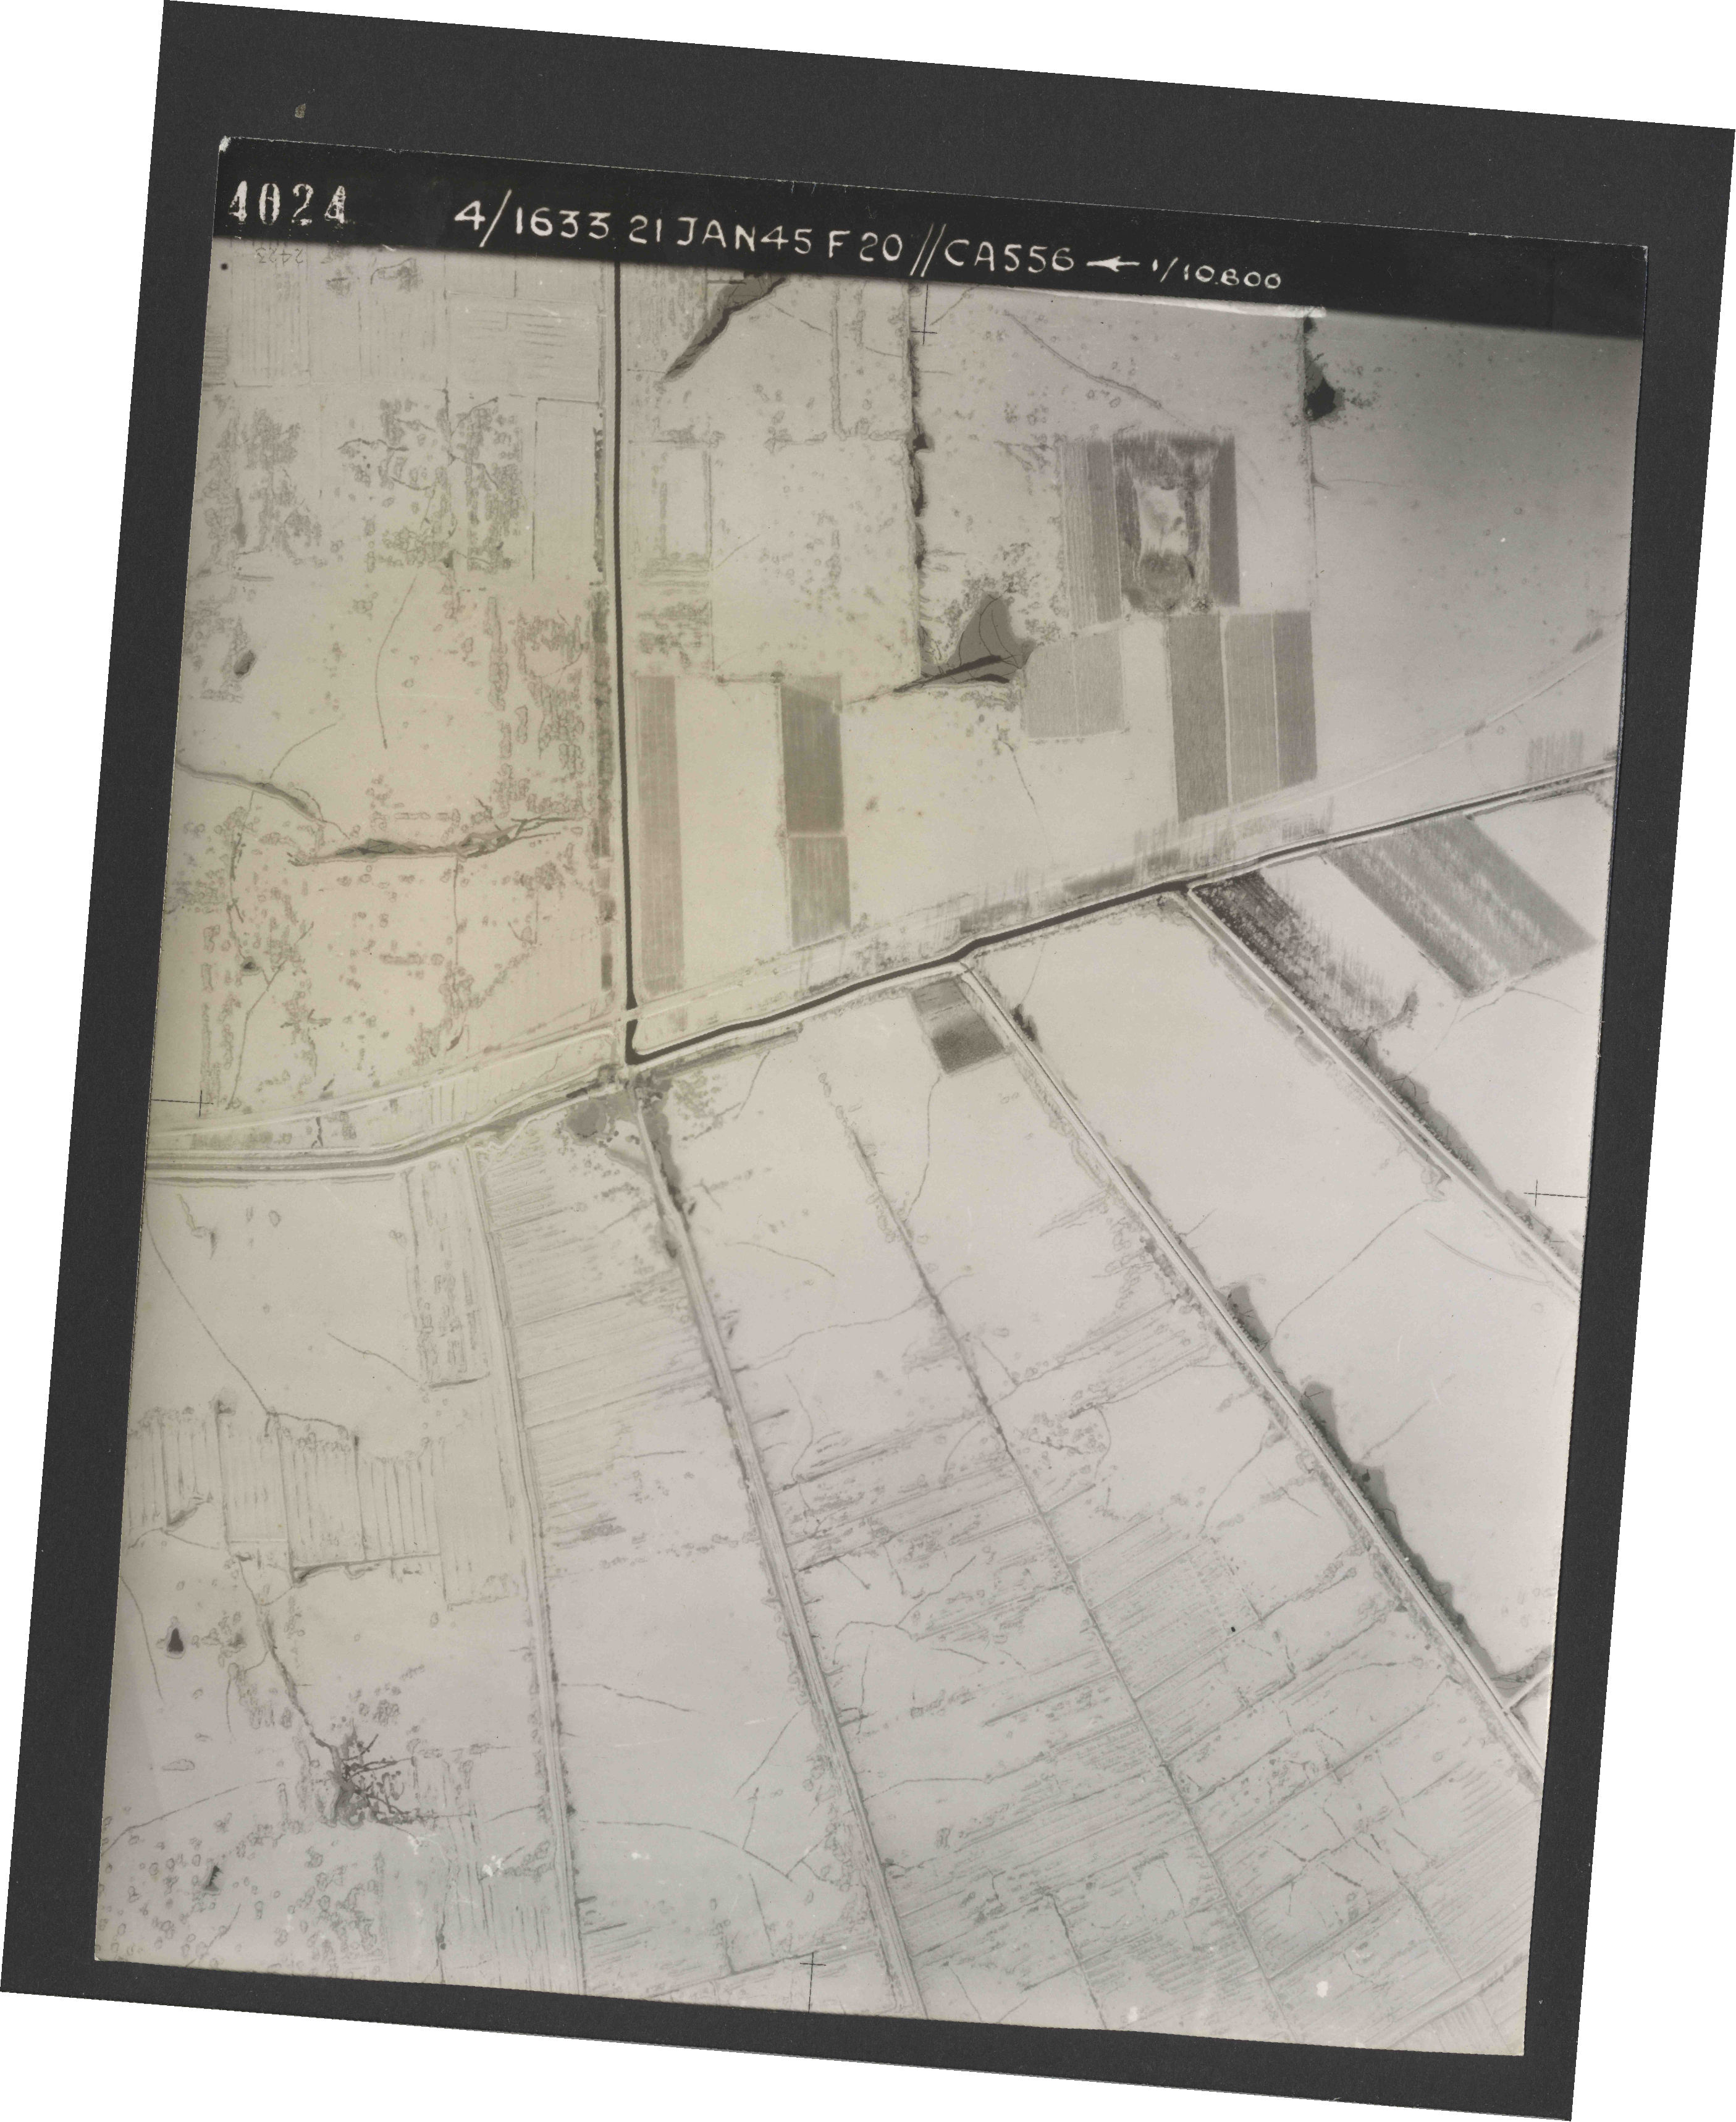 Collection RAF aerial photos 1940-1945 - flight 202, run 04, photo 4024